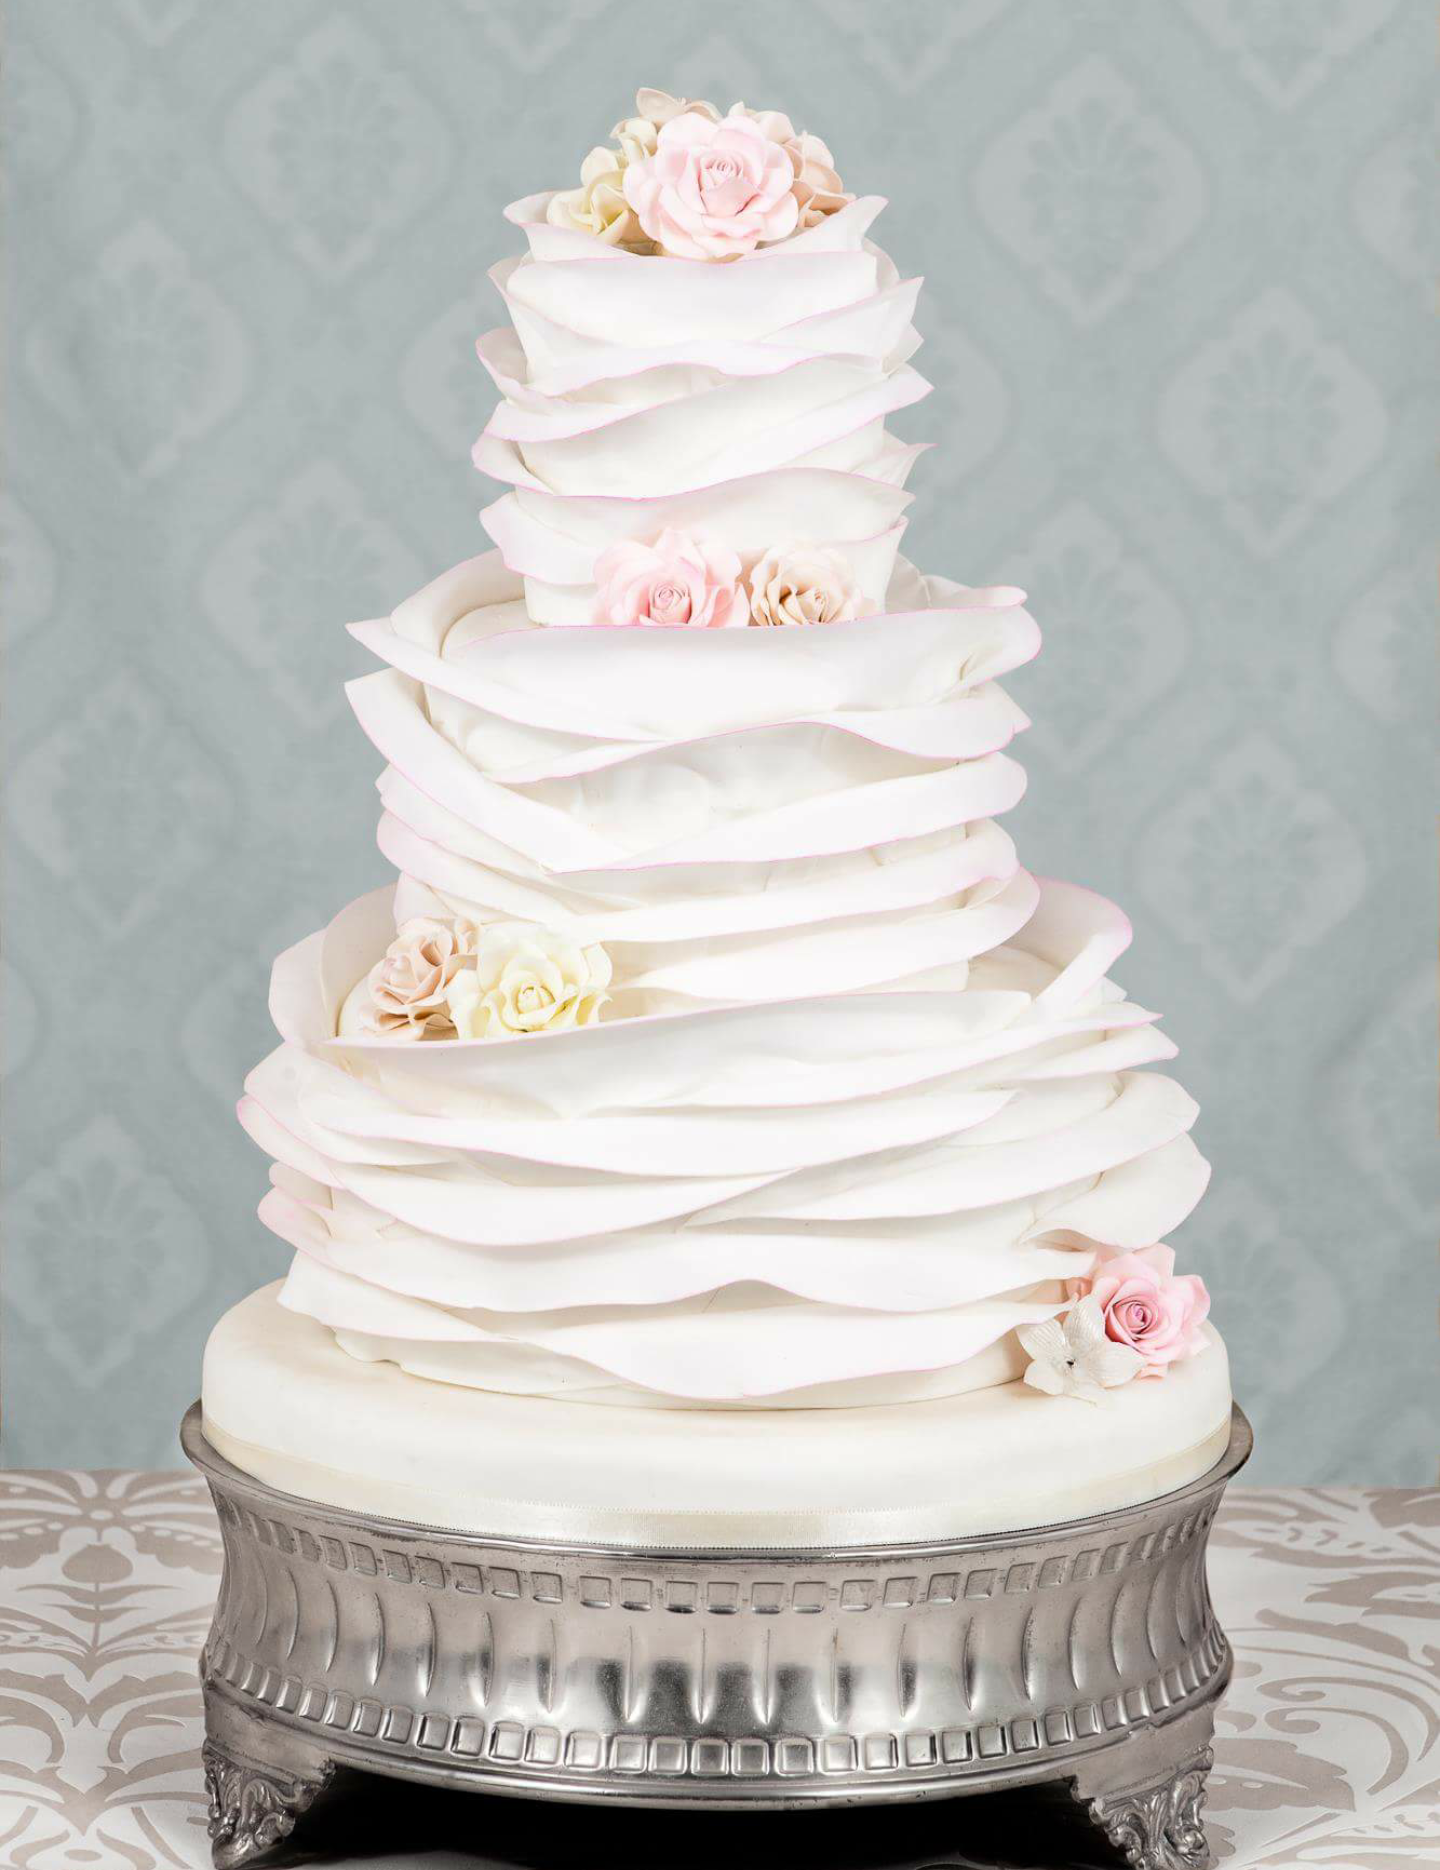 White ruffled wedding